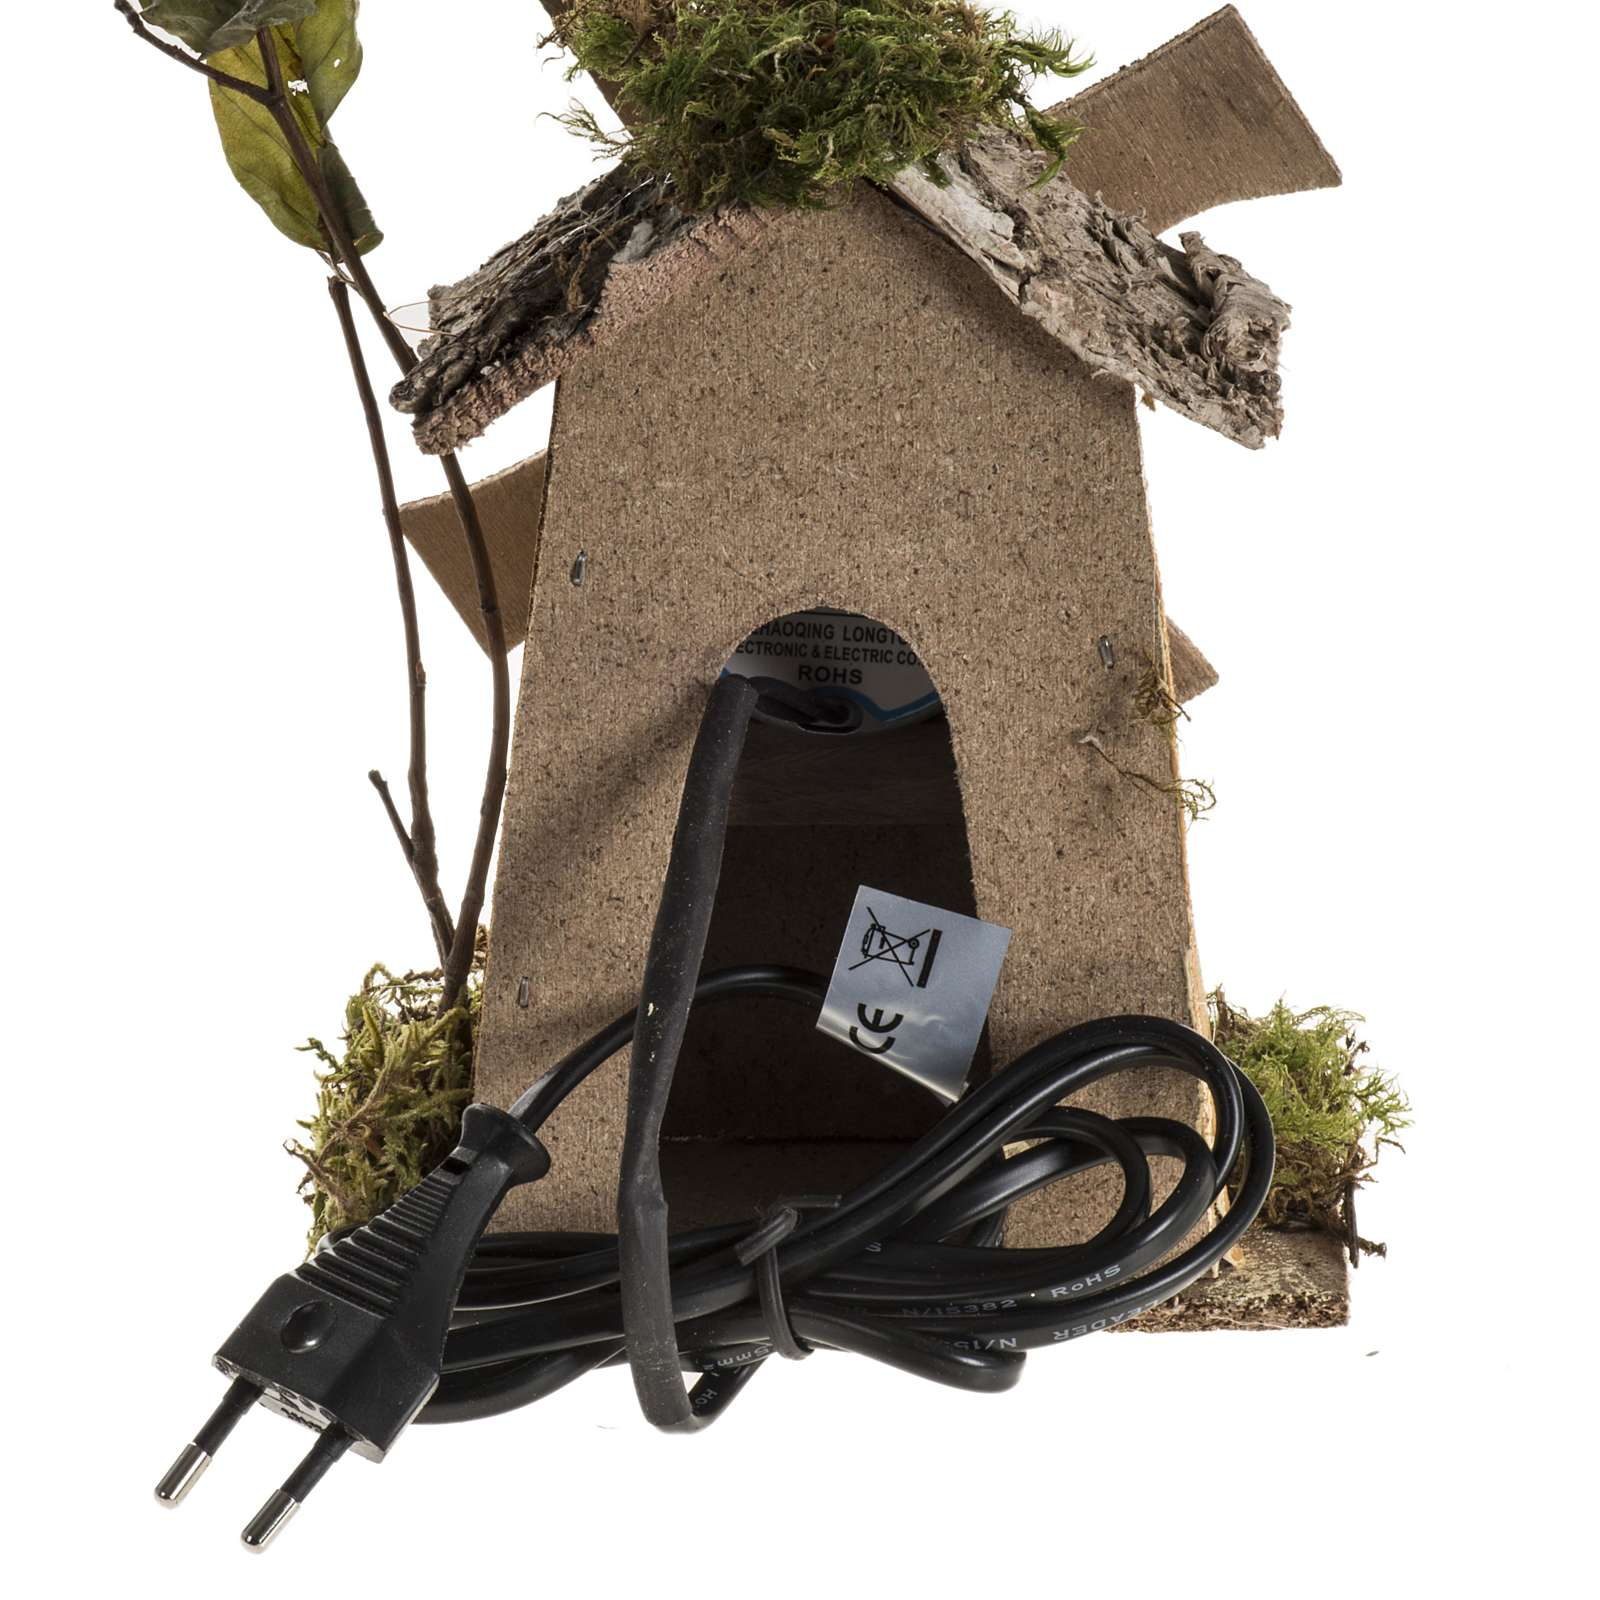 Moulin à vent crèche Noel 4W 15-18t/m 18x13x9 4